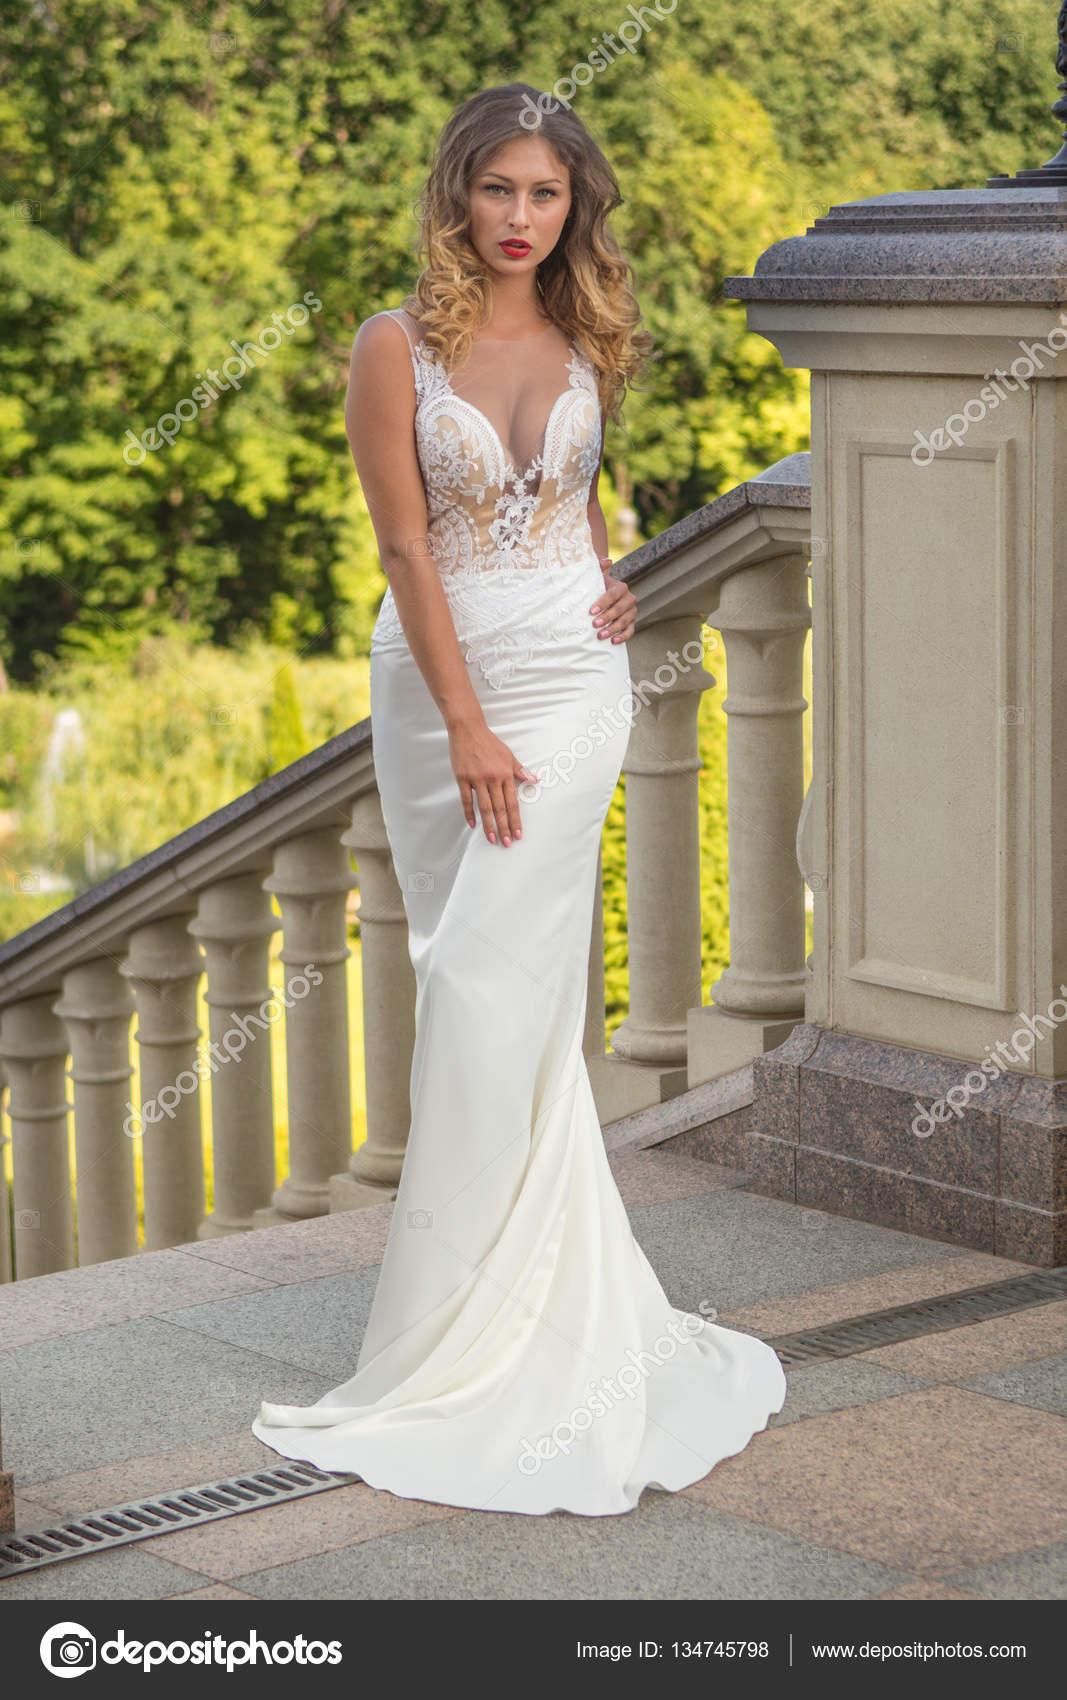 Schöne Braut in weiß Hochzeit in außerhalb des Herrenhauses ...